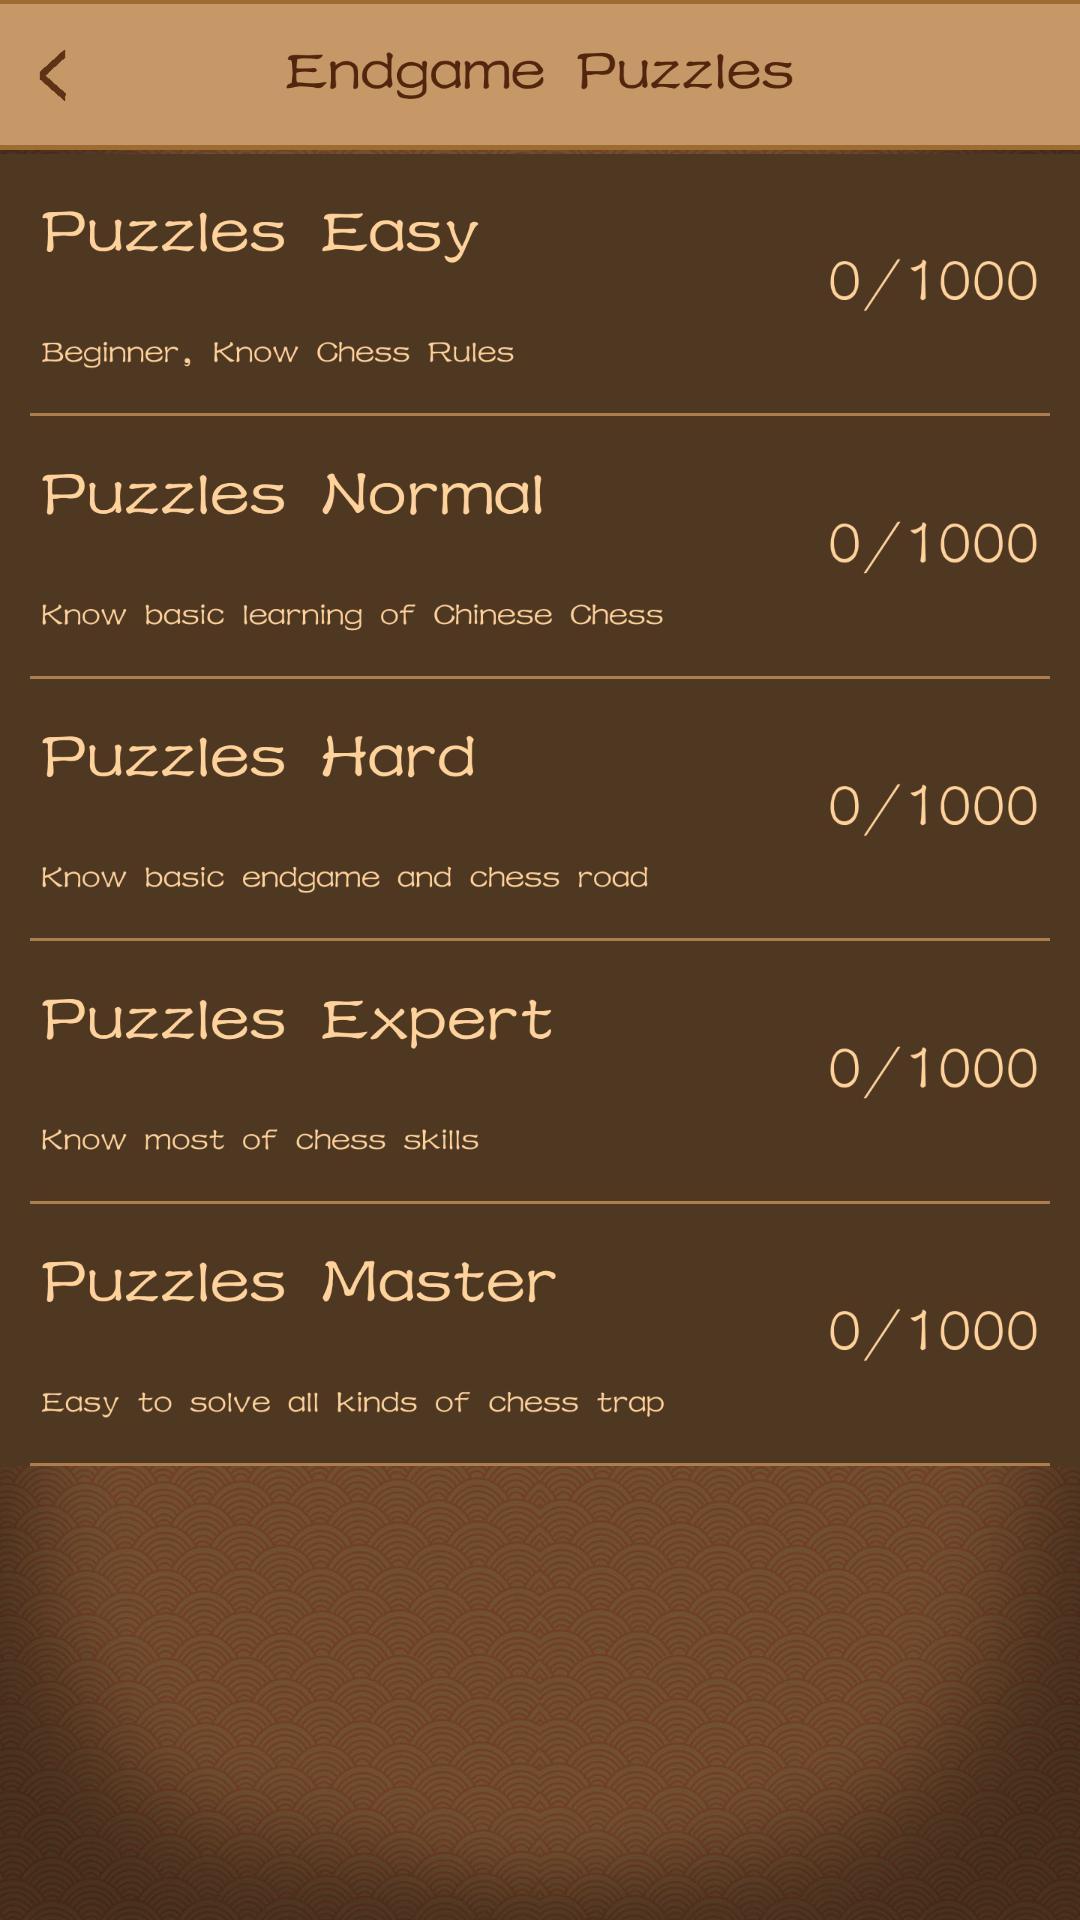 Chinese Chess from beginner to master 1.6.2 Screenshot 16